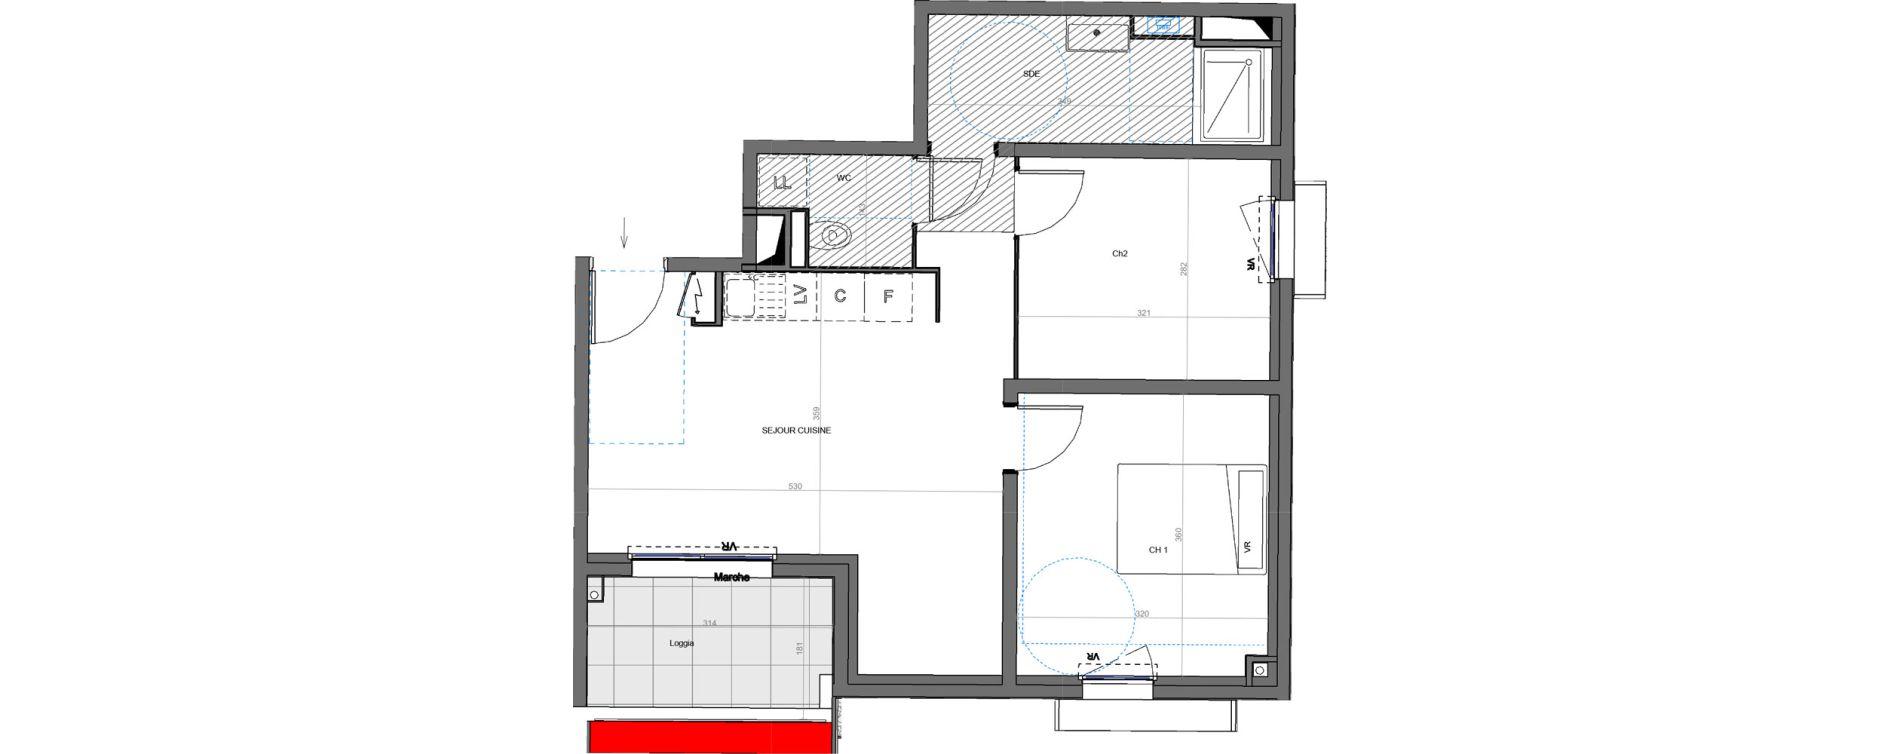 Appartement T3 de 52,70 m2 à Montpellier Les aiguerelles